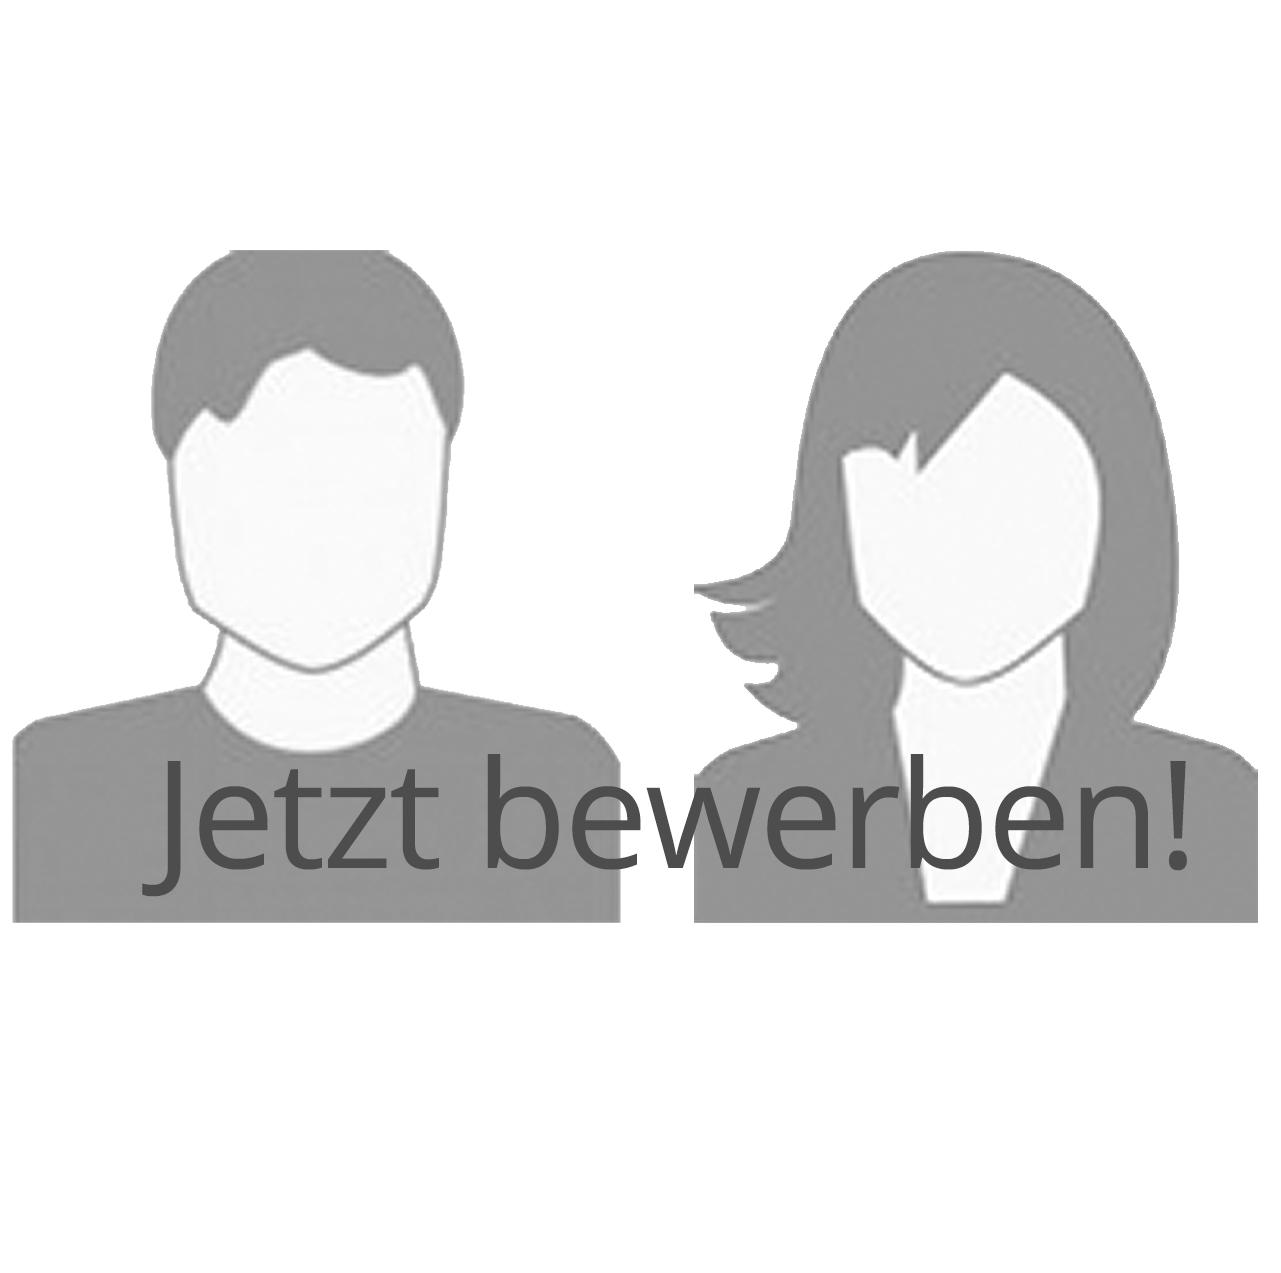 <a href='https://www.hc24.de/de/jobs.htm'>zur Stellenanzeige</a>